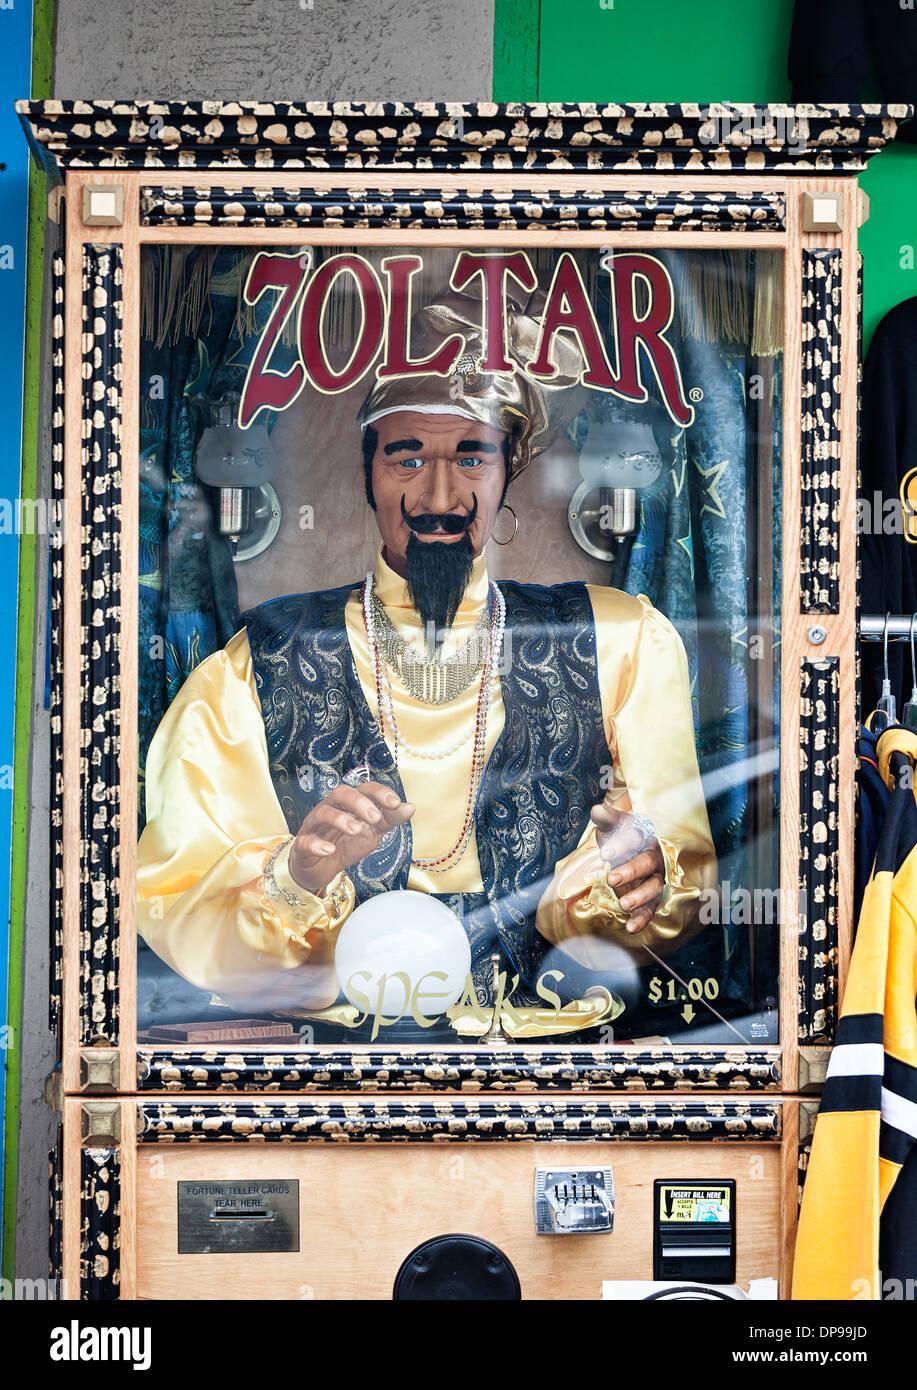 Zoltar, Fortune Teller Maschine Stockbild